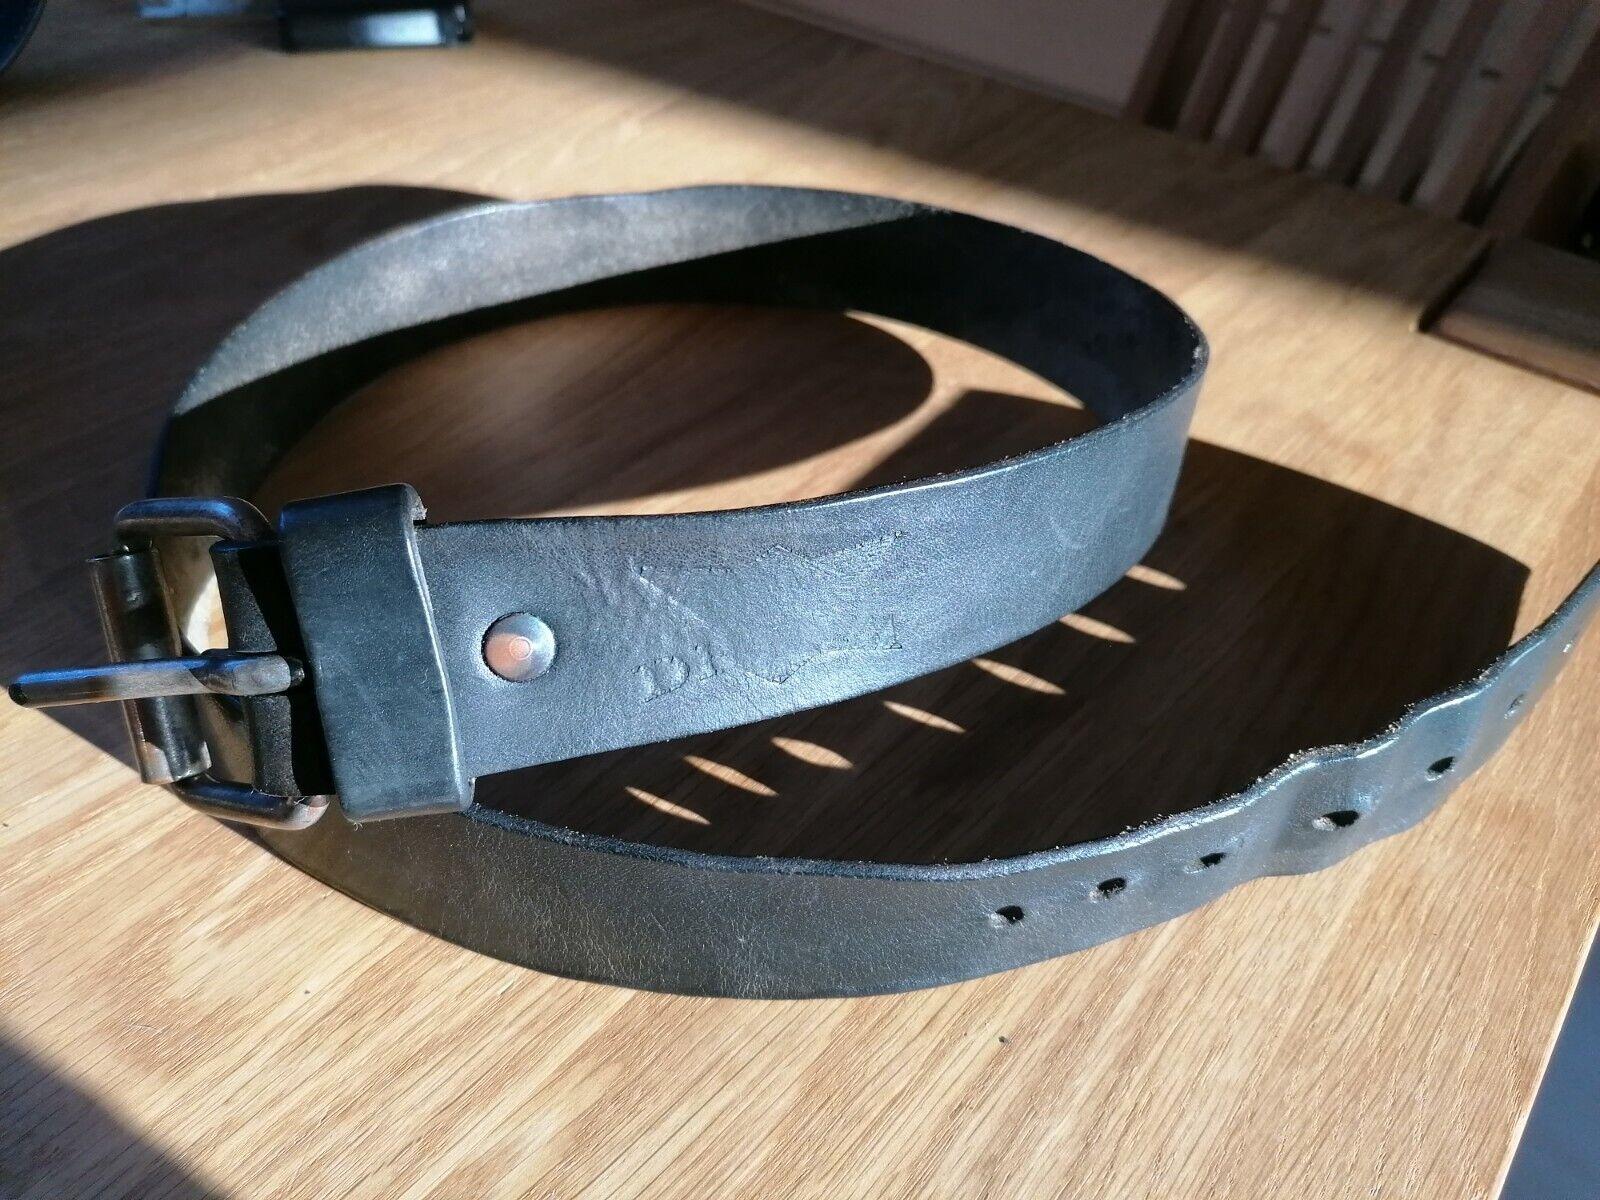 Cowboy Dream Ledergürtel schwarz Schnalle silber, TW 85, 3,8 cm breit